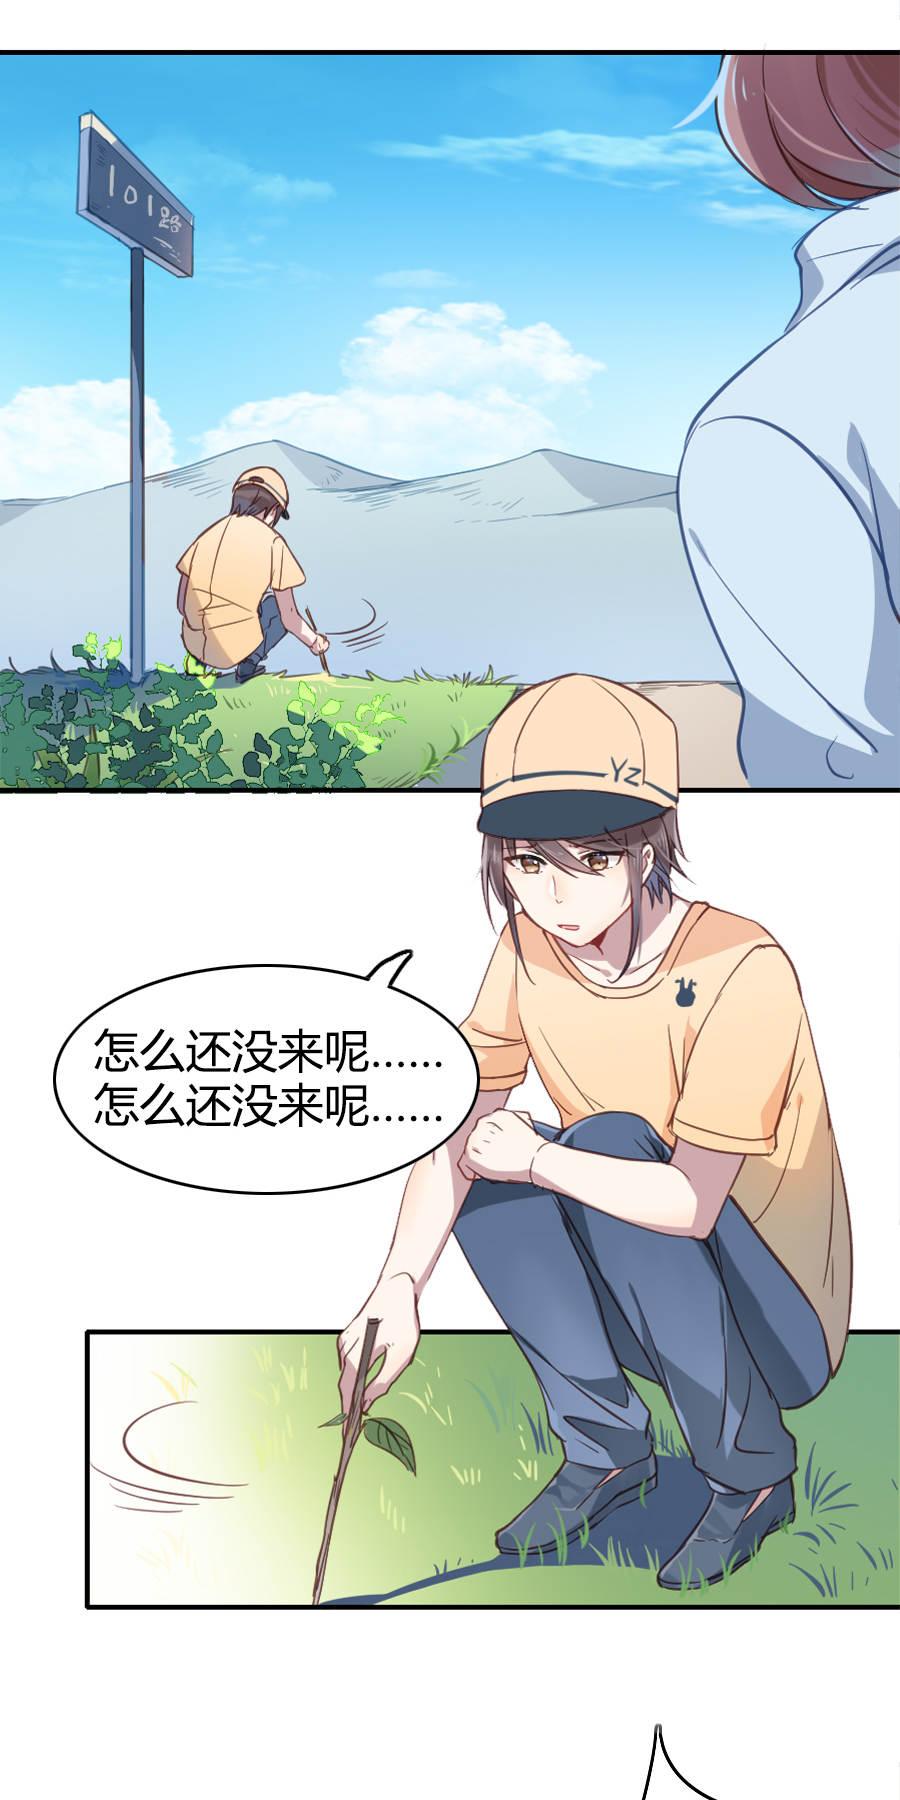 少年游第10话  麋鹿呀麋鹿 柚子柚子!! 第 17